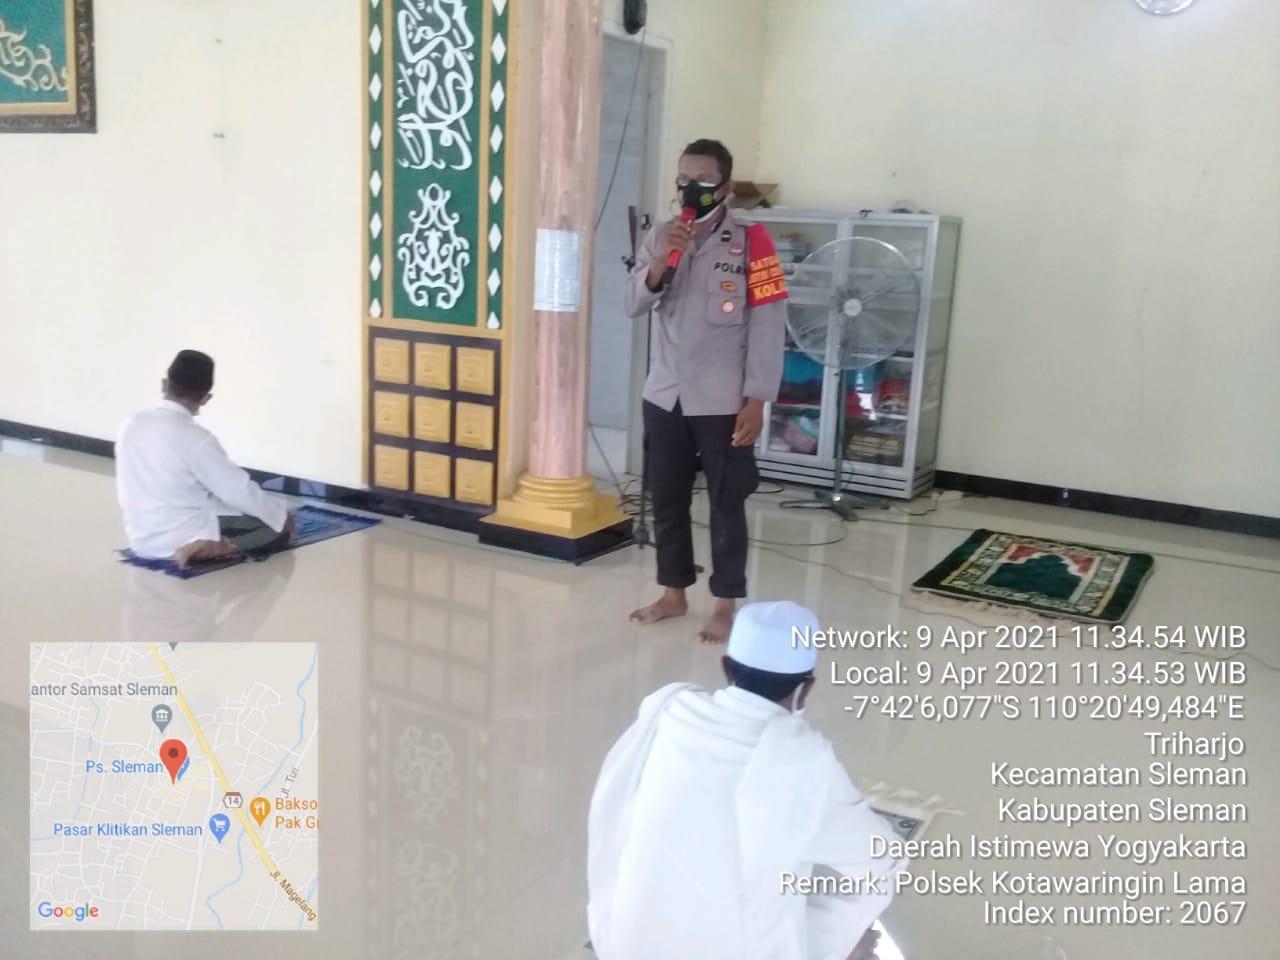 Himbauan Protokol Kesehatan dilakukan oleh Petugas Polsek Kolam Sebelum Pelaksanaan Ibadah Shalat Jumat